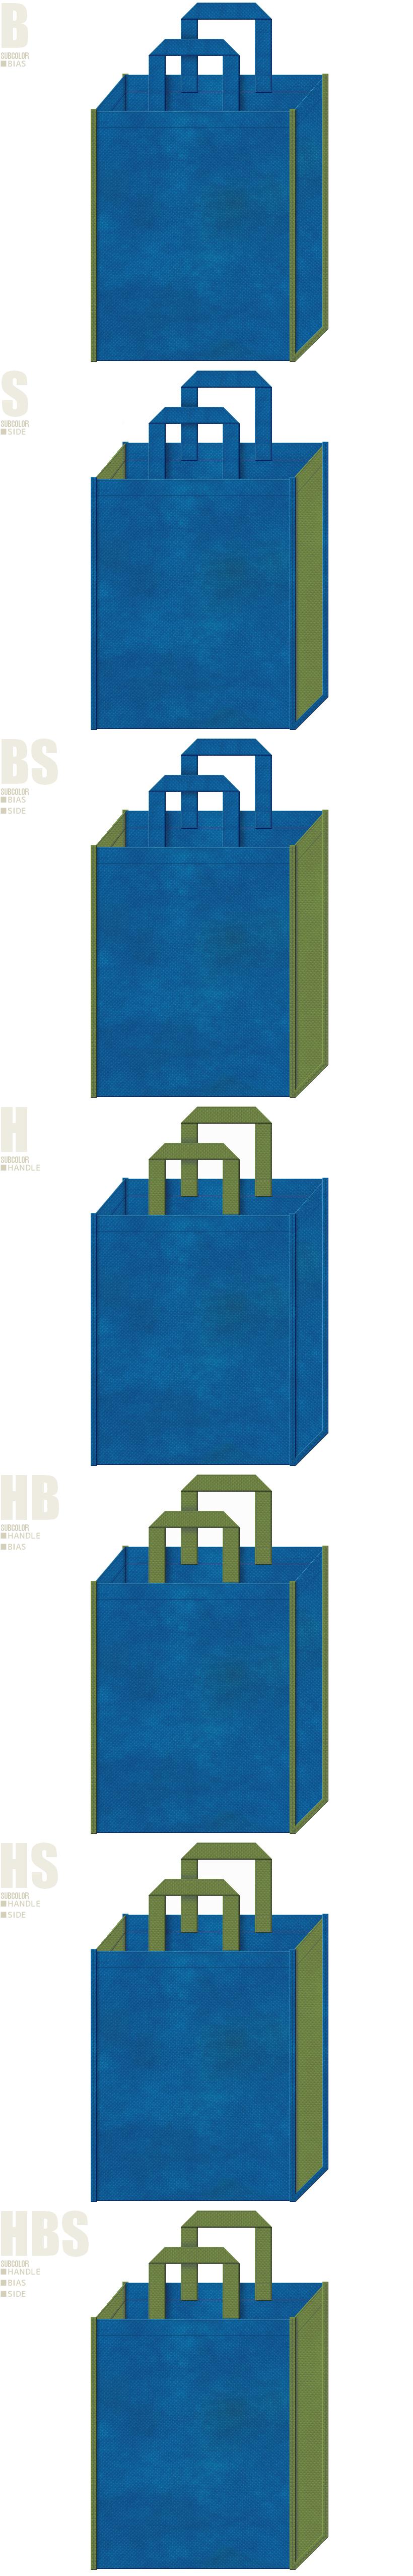 青色と草色の不織布バッグデザイン:配色7パターン